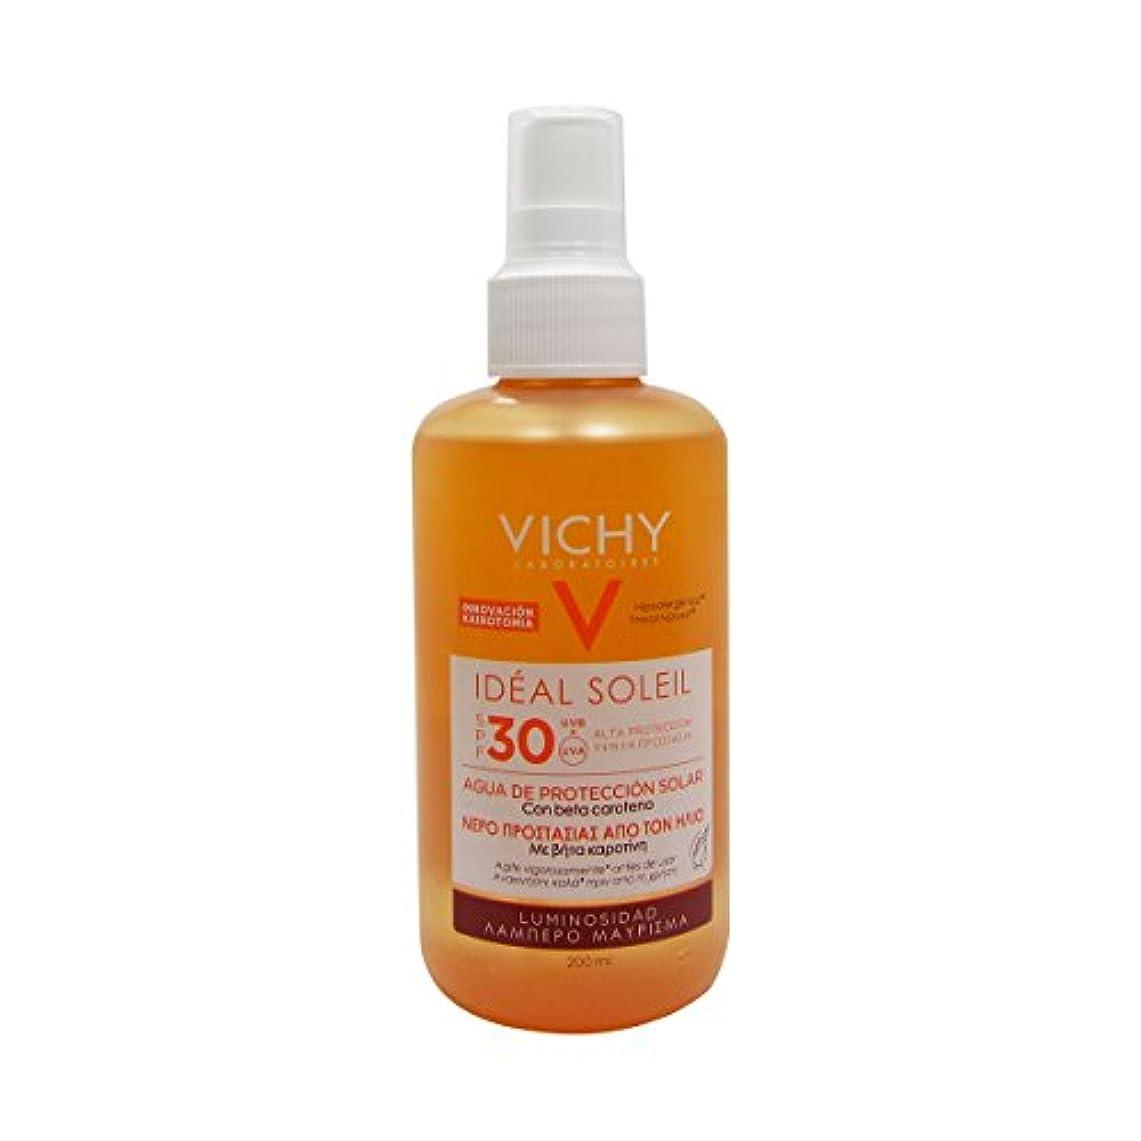 愛へこみ神秘的なVichy Ideal Soleil Fresh Water Sun Protection Spf30 Luminous Tan 200ml [並行輸入品]